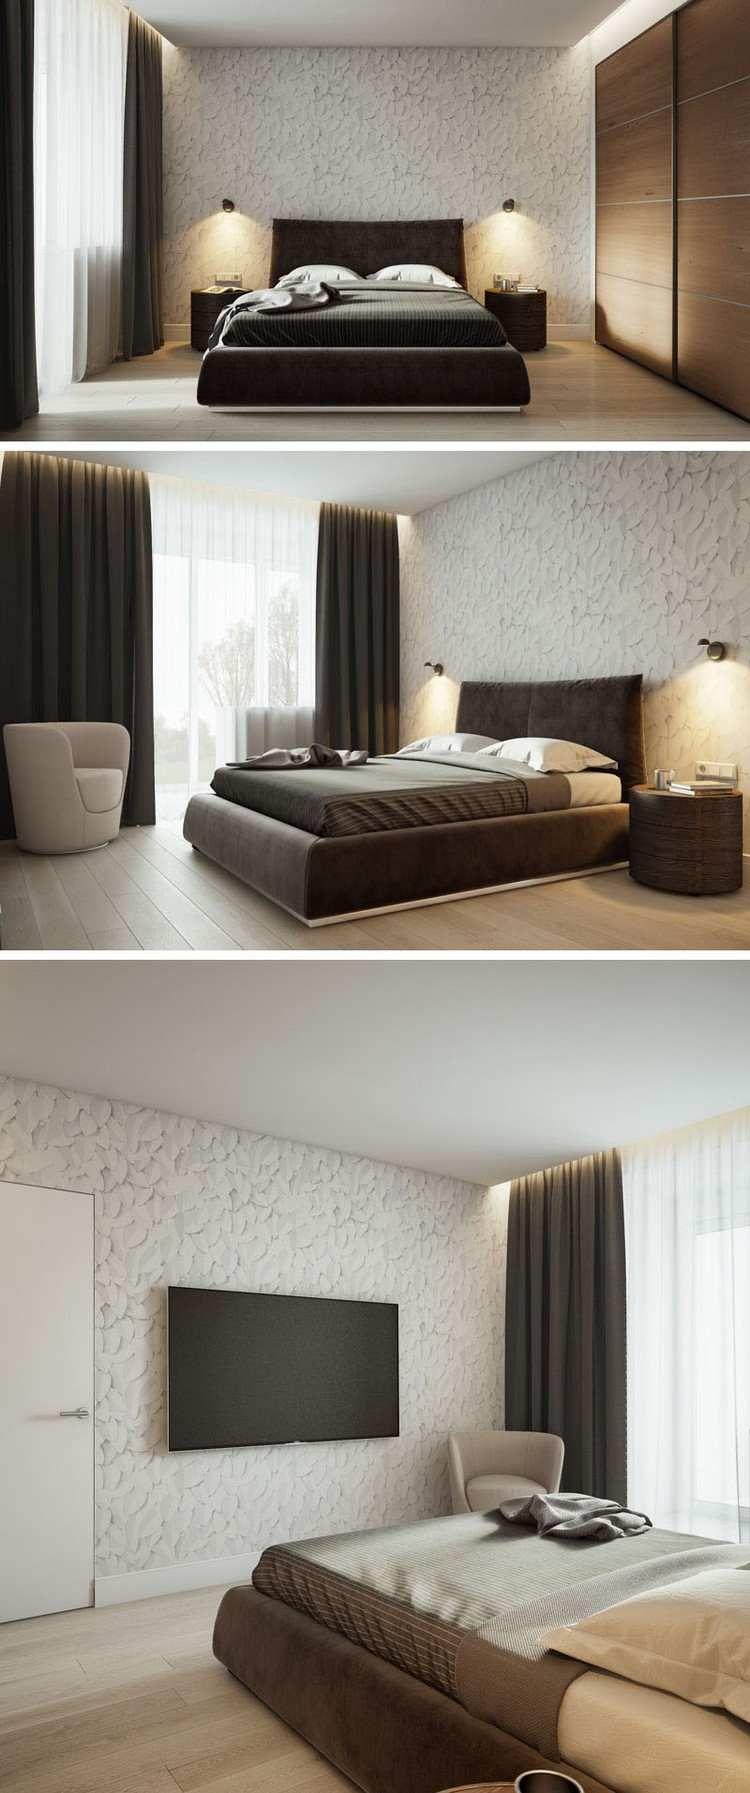 Cloison Ajourée En Bois Au Cœur Dun Appartement Minimaliste à - Chambre adulte moderne design